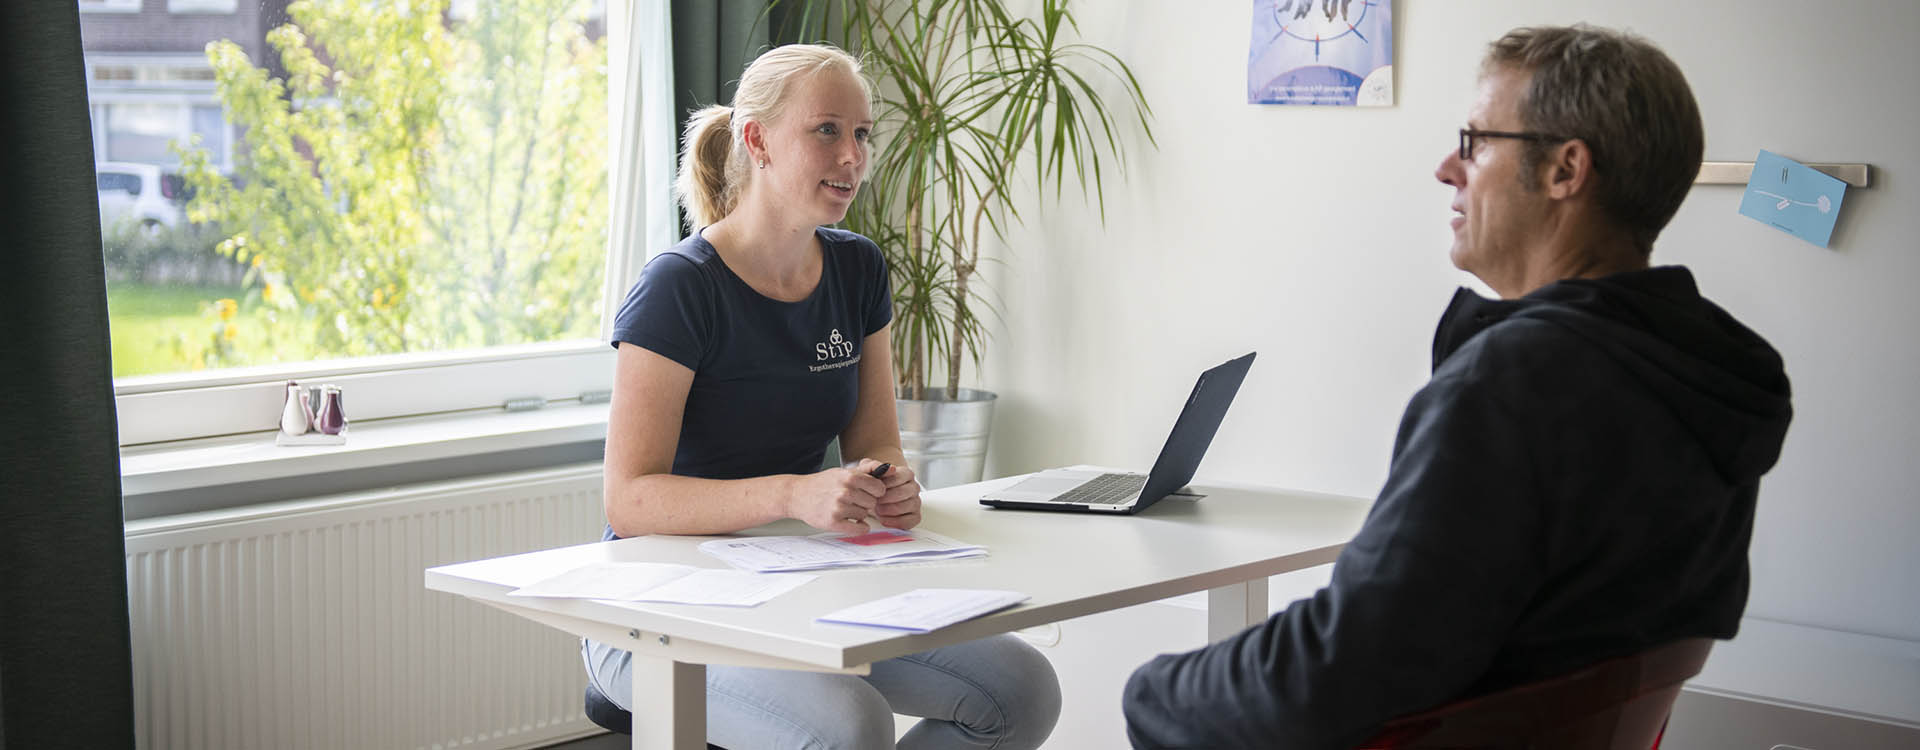 Ergotherapiepraktijk Stip aan tafel met Cliënt